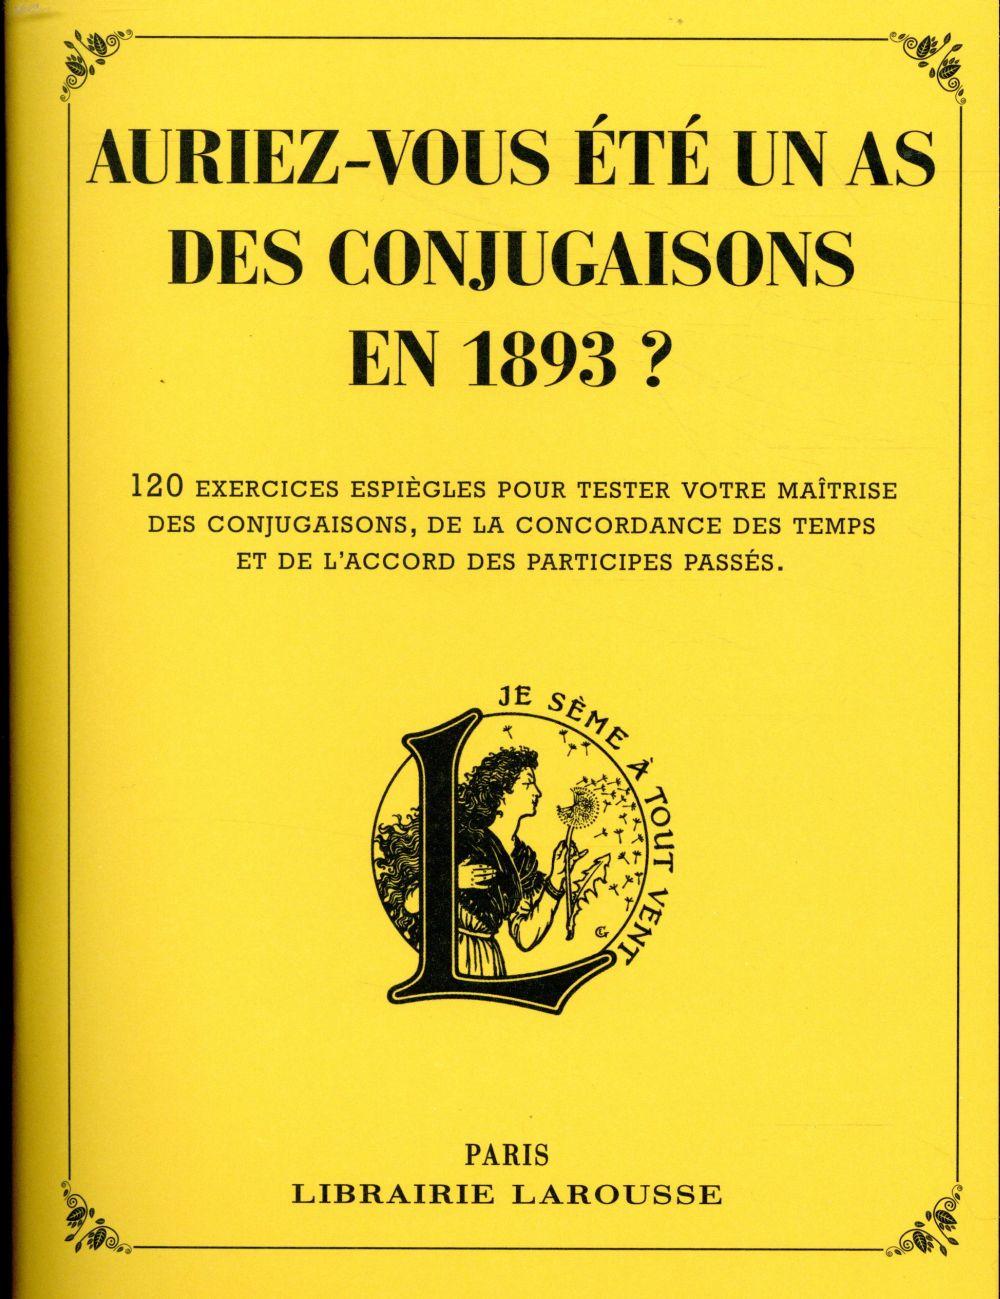 AURIEZ-VOUS ETE UN AS DES CONJUGAISONS EN 1893 ? LAROUSSE PIERRE LAROUSSE